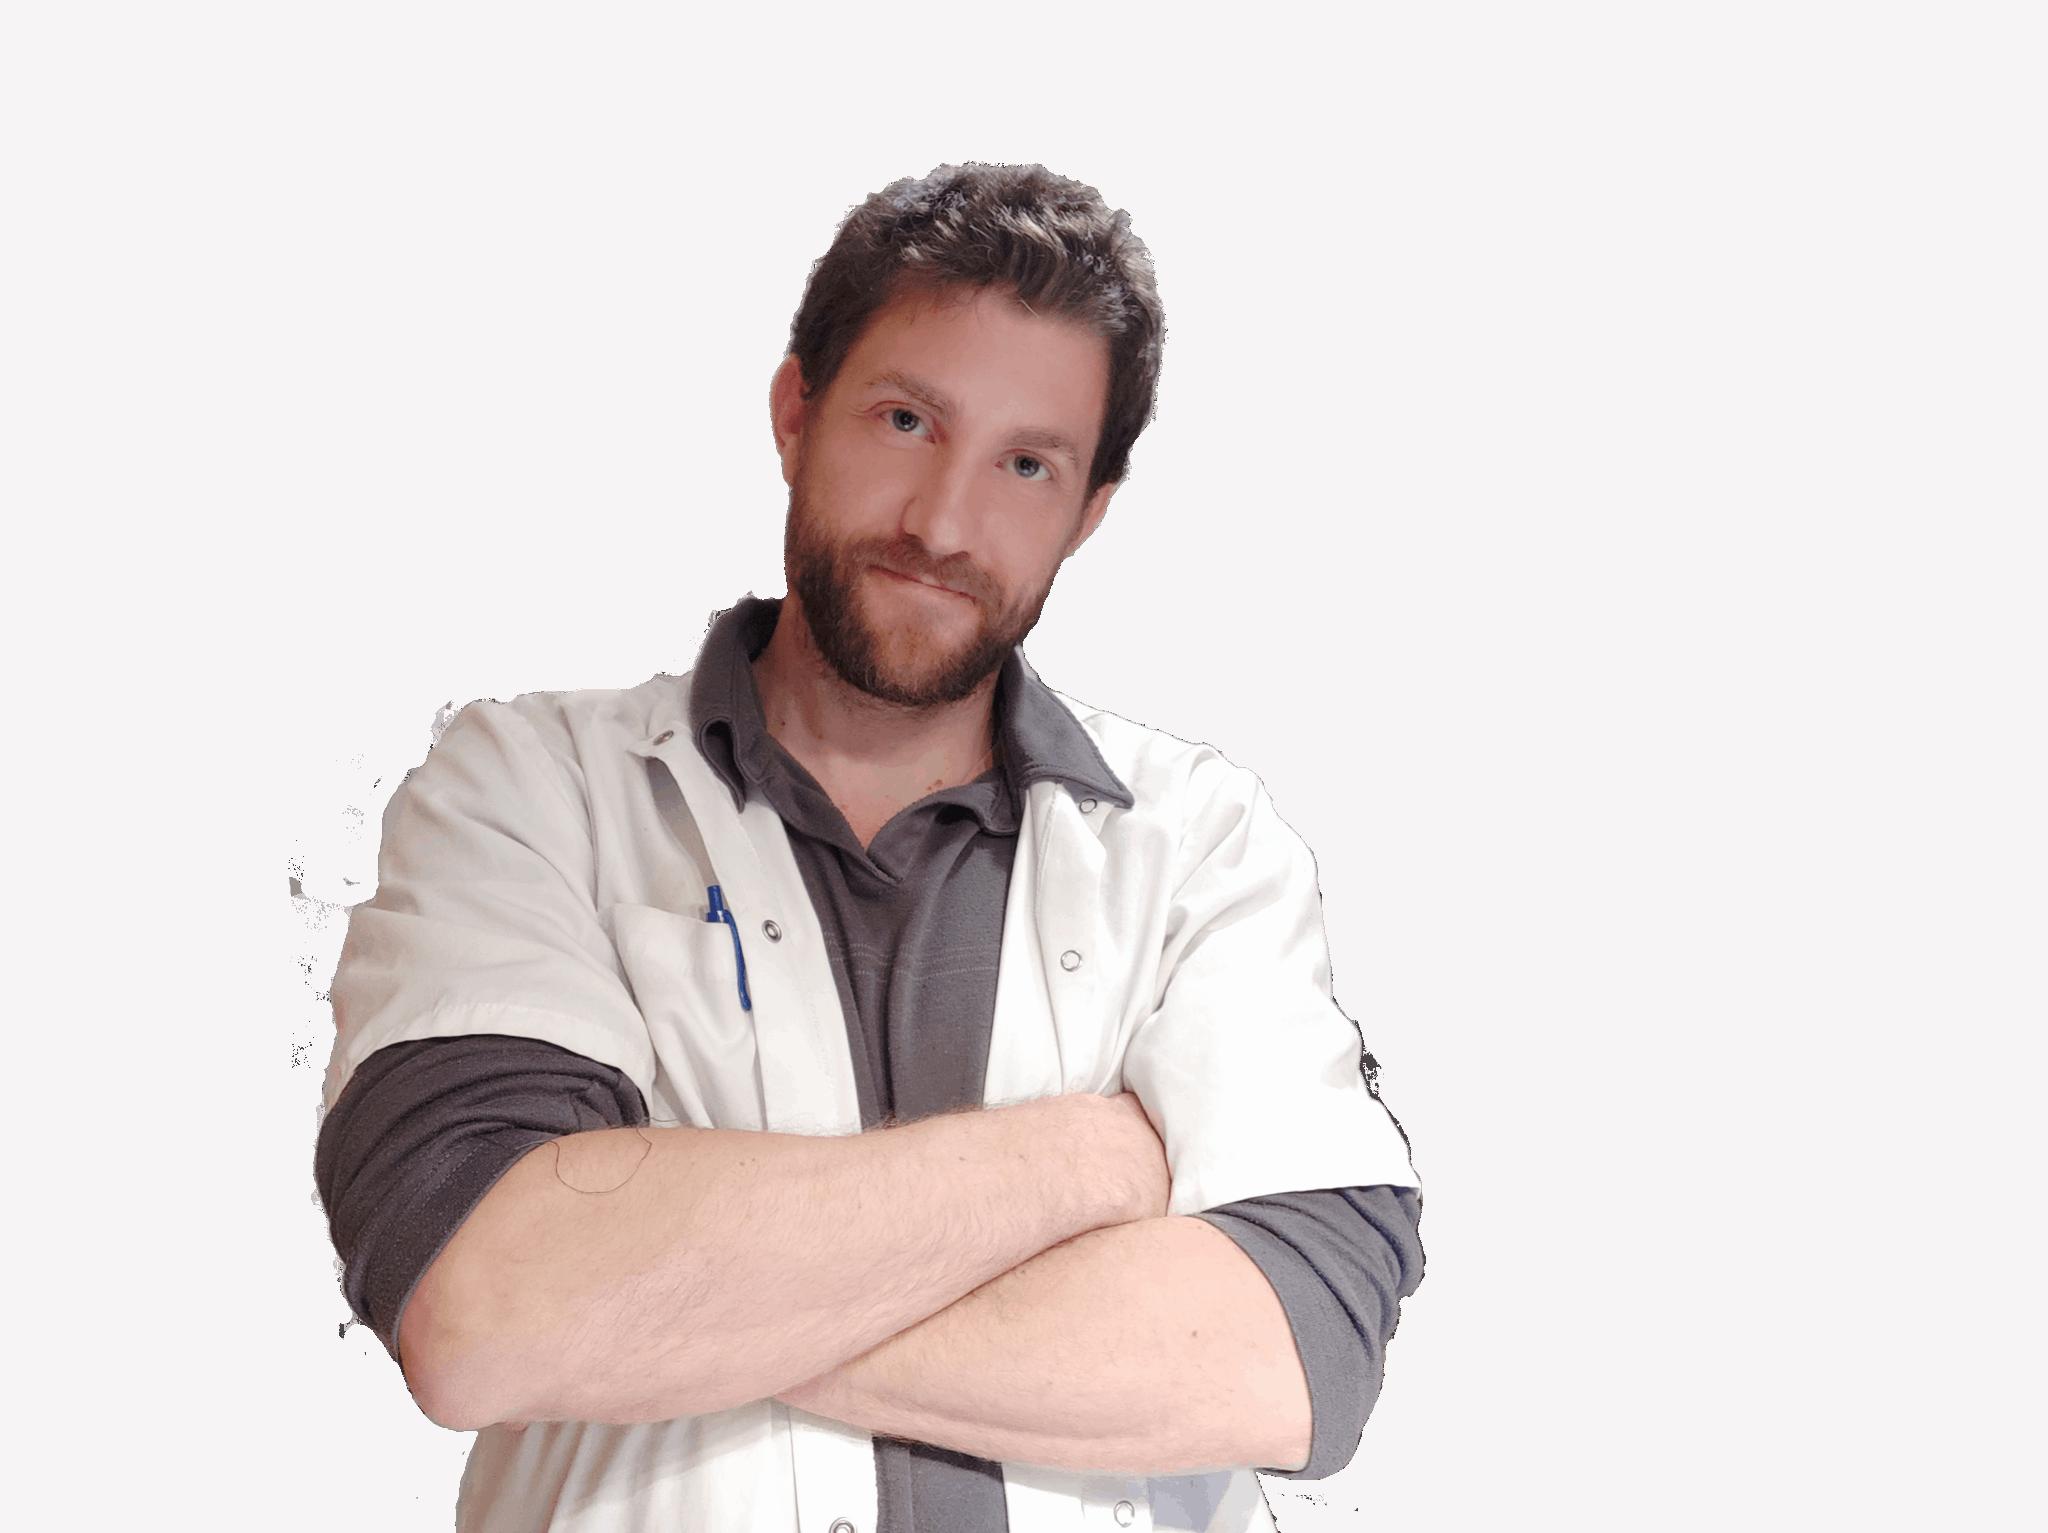 תום רוטנברג - דיקור סיני בחיפה